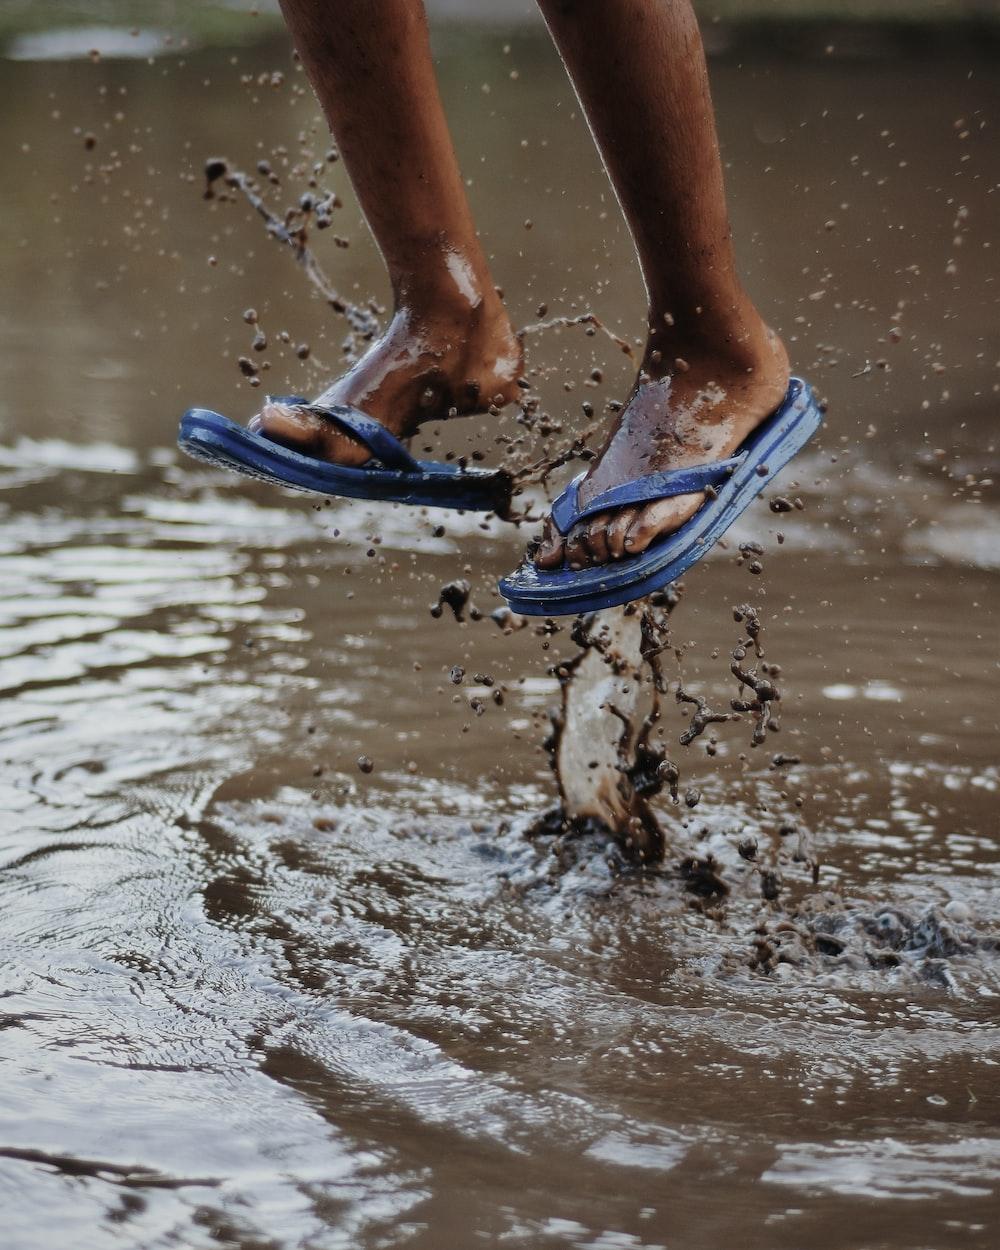 person wearing blue flip-flops